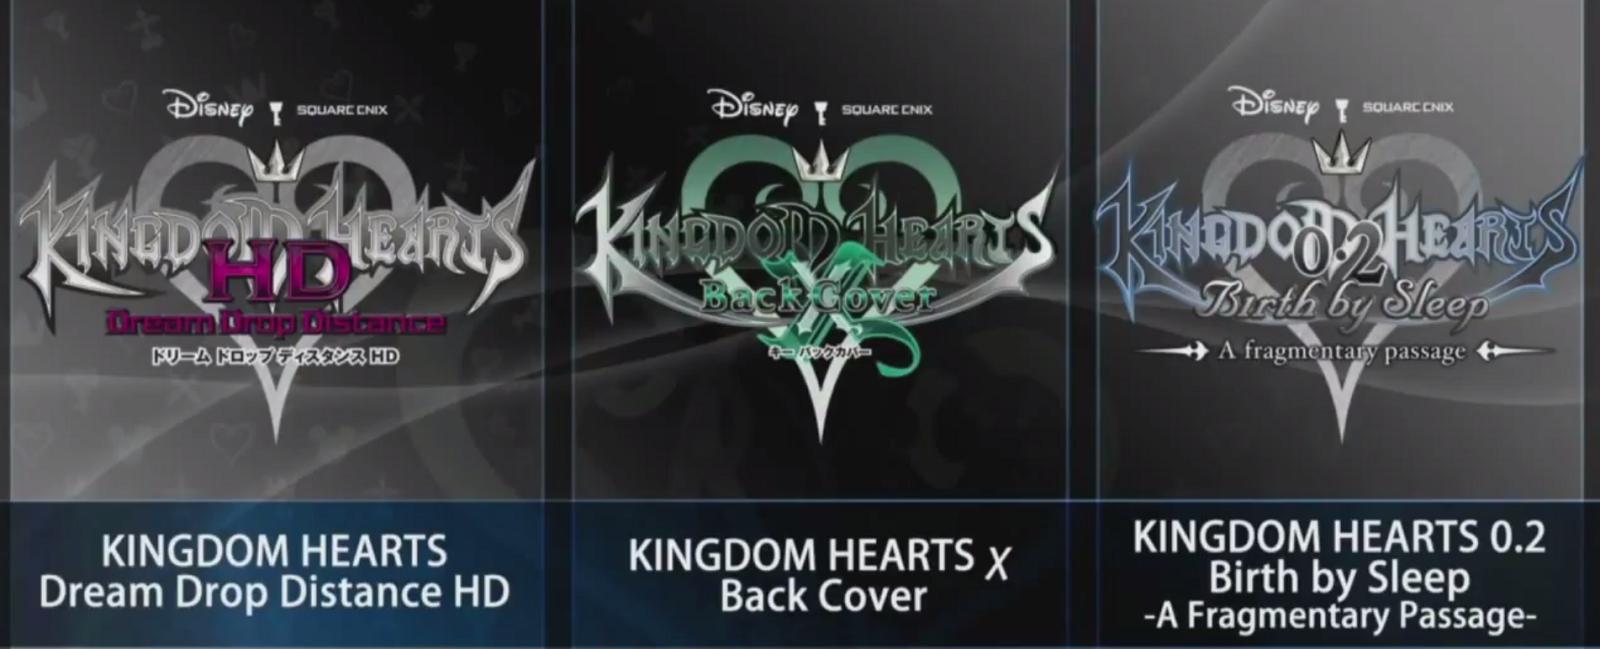 Novas informações de Kingdom Hearts II.8